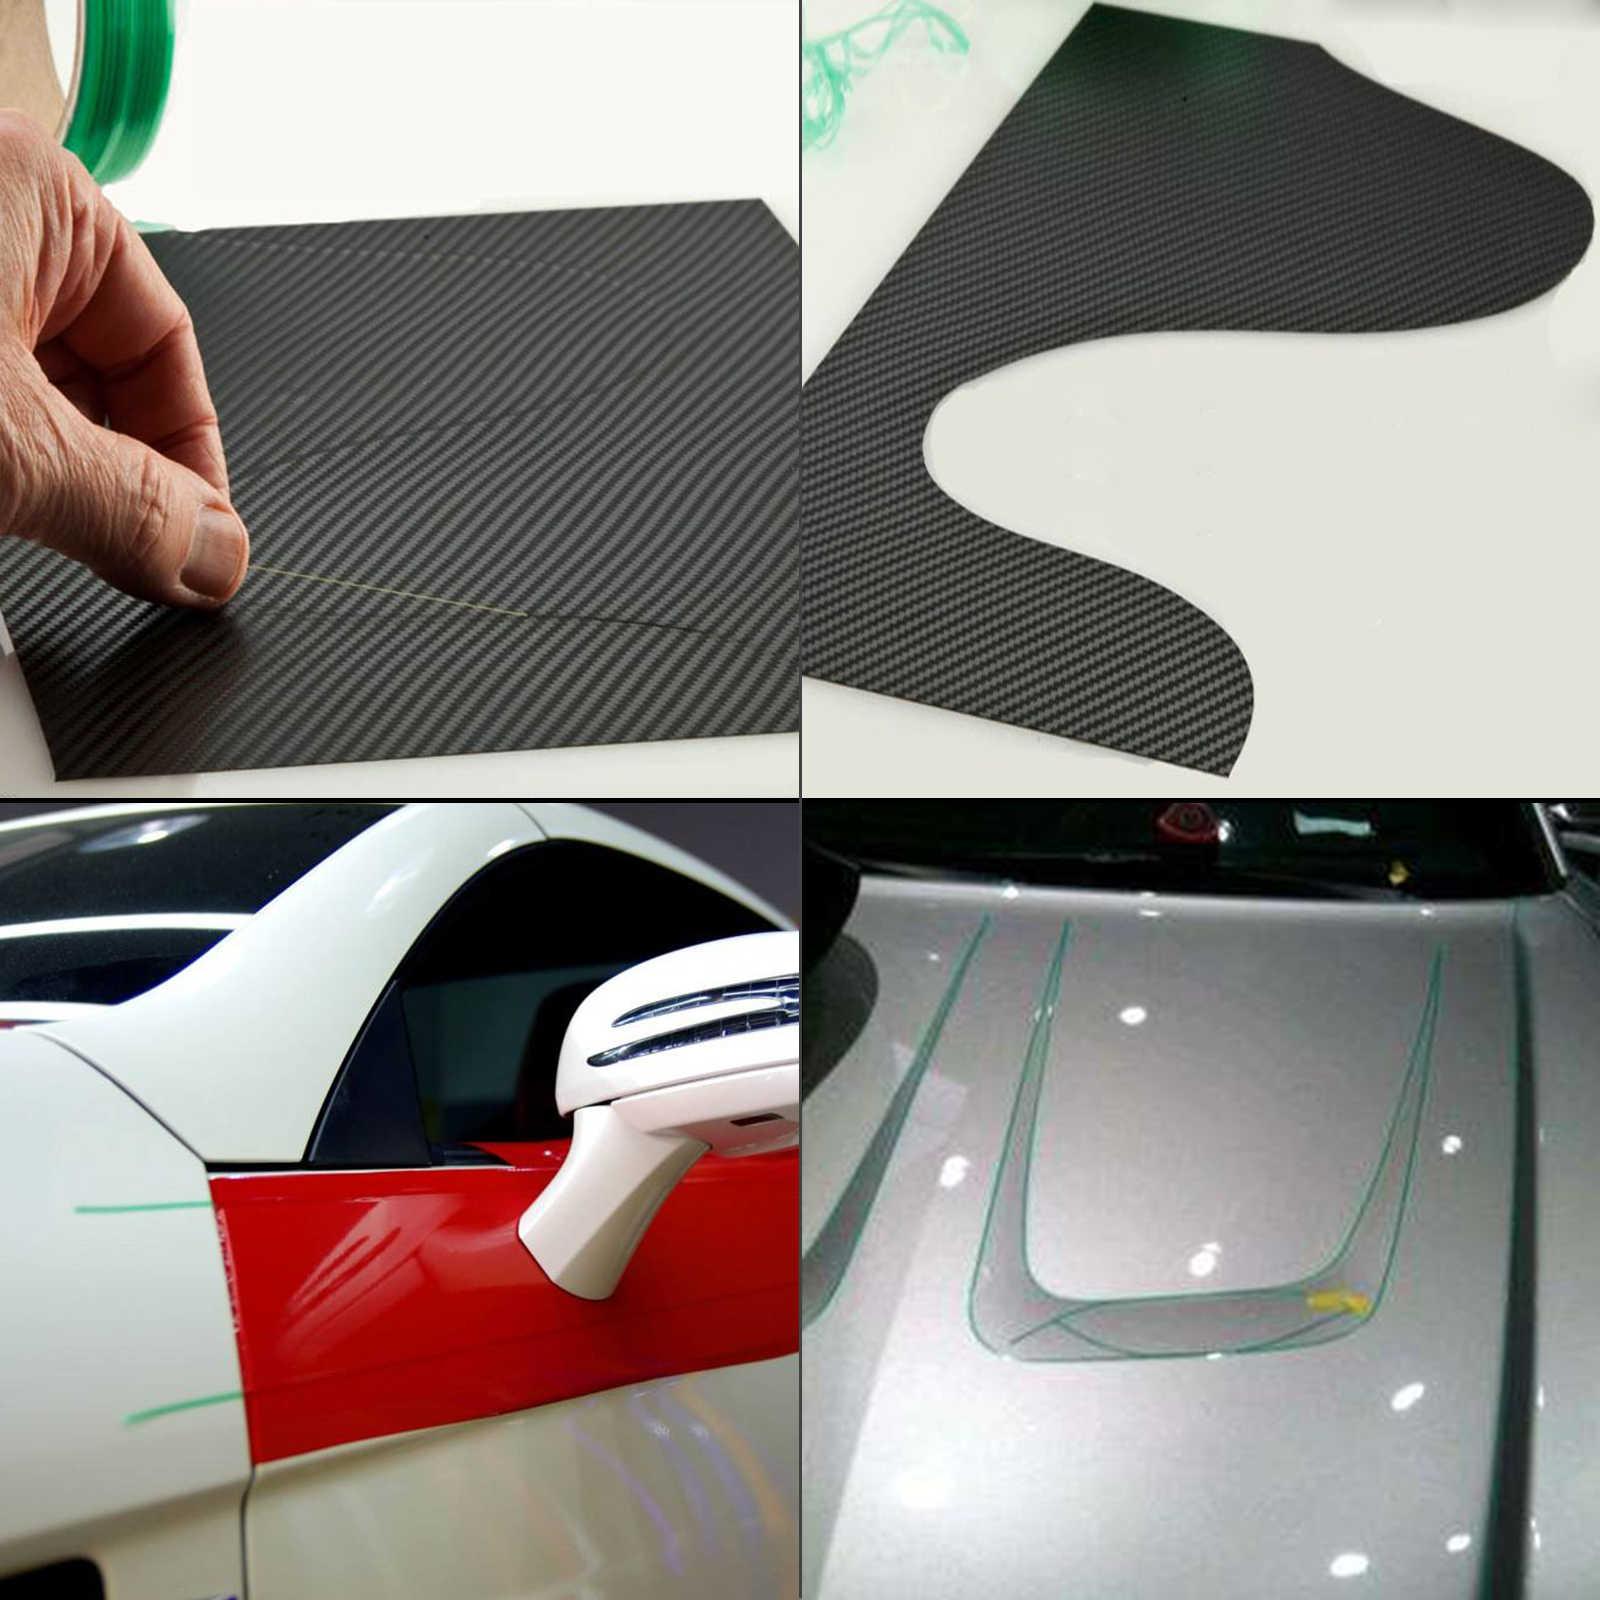 Pegatinas FOSHIO para coche, Kit de herramientas de estilismo, cinta de diseño sin cuchillo de 5/50M + envoltura de vinilo, escurridor, cinta de corte, accesorios para automóviles